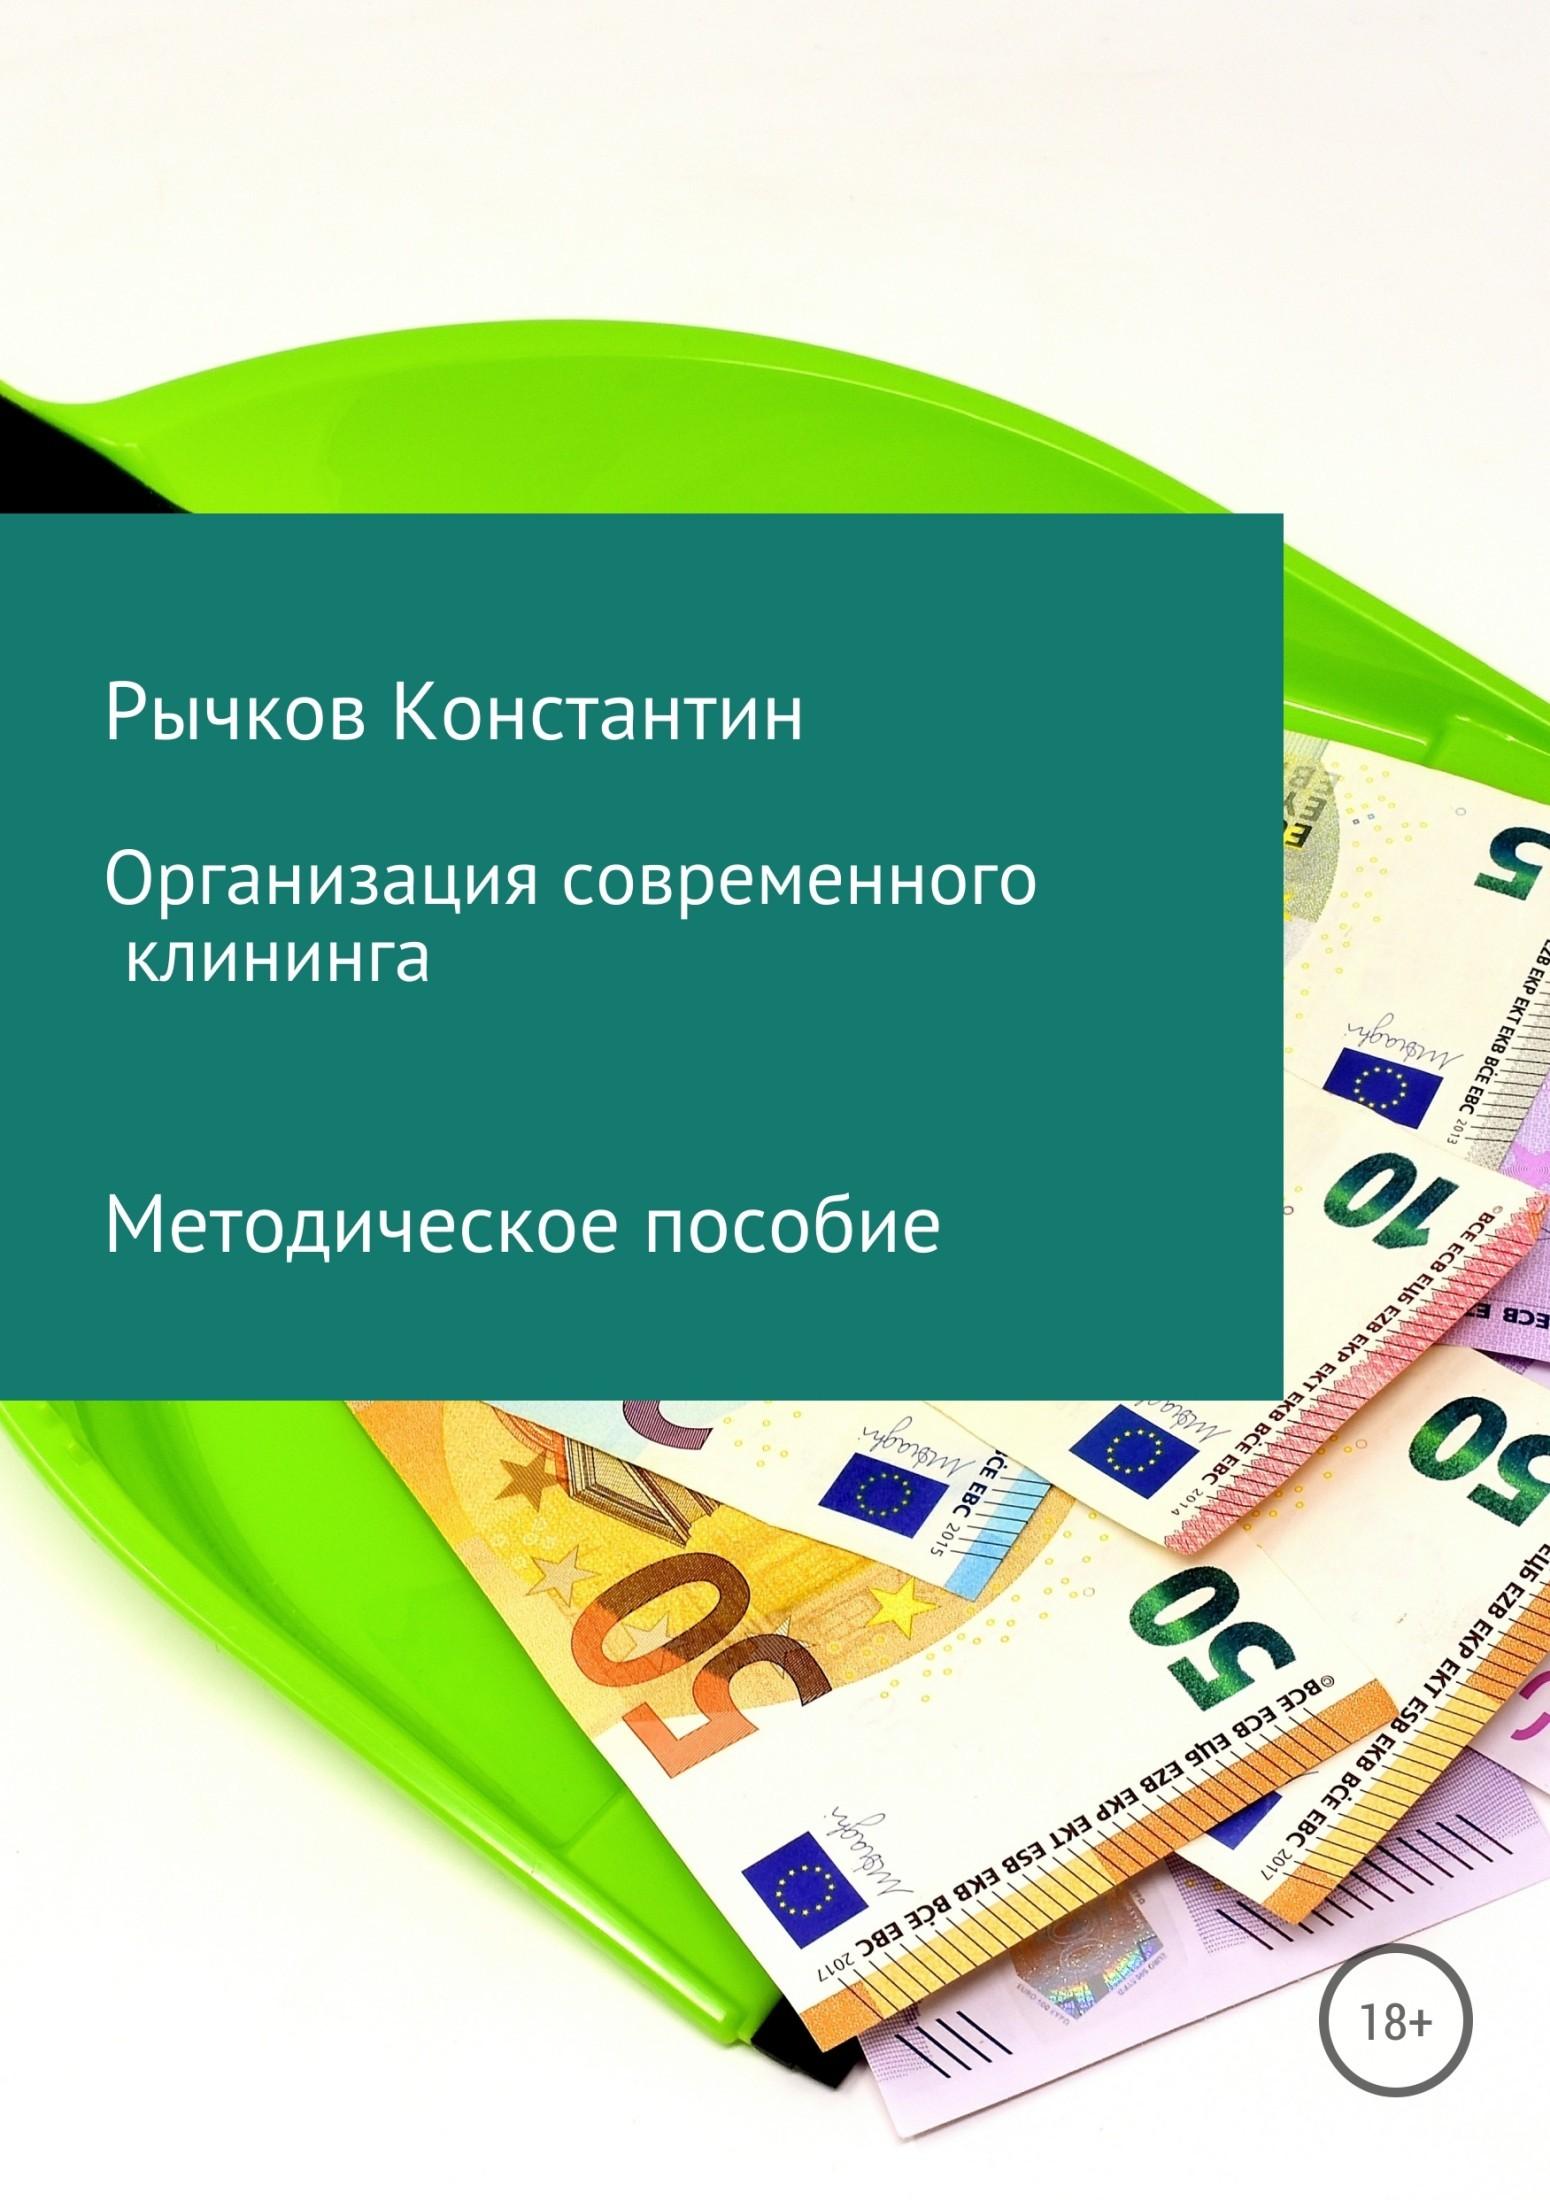 Организация современного клининга_Константин Юрьевич Рычков